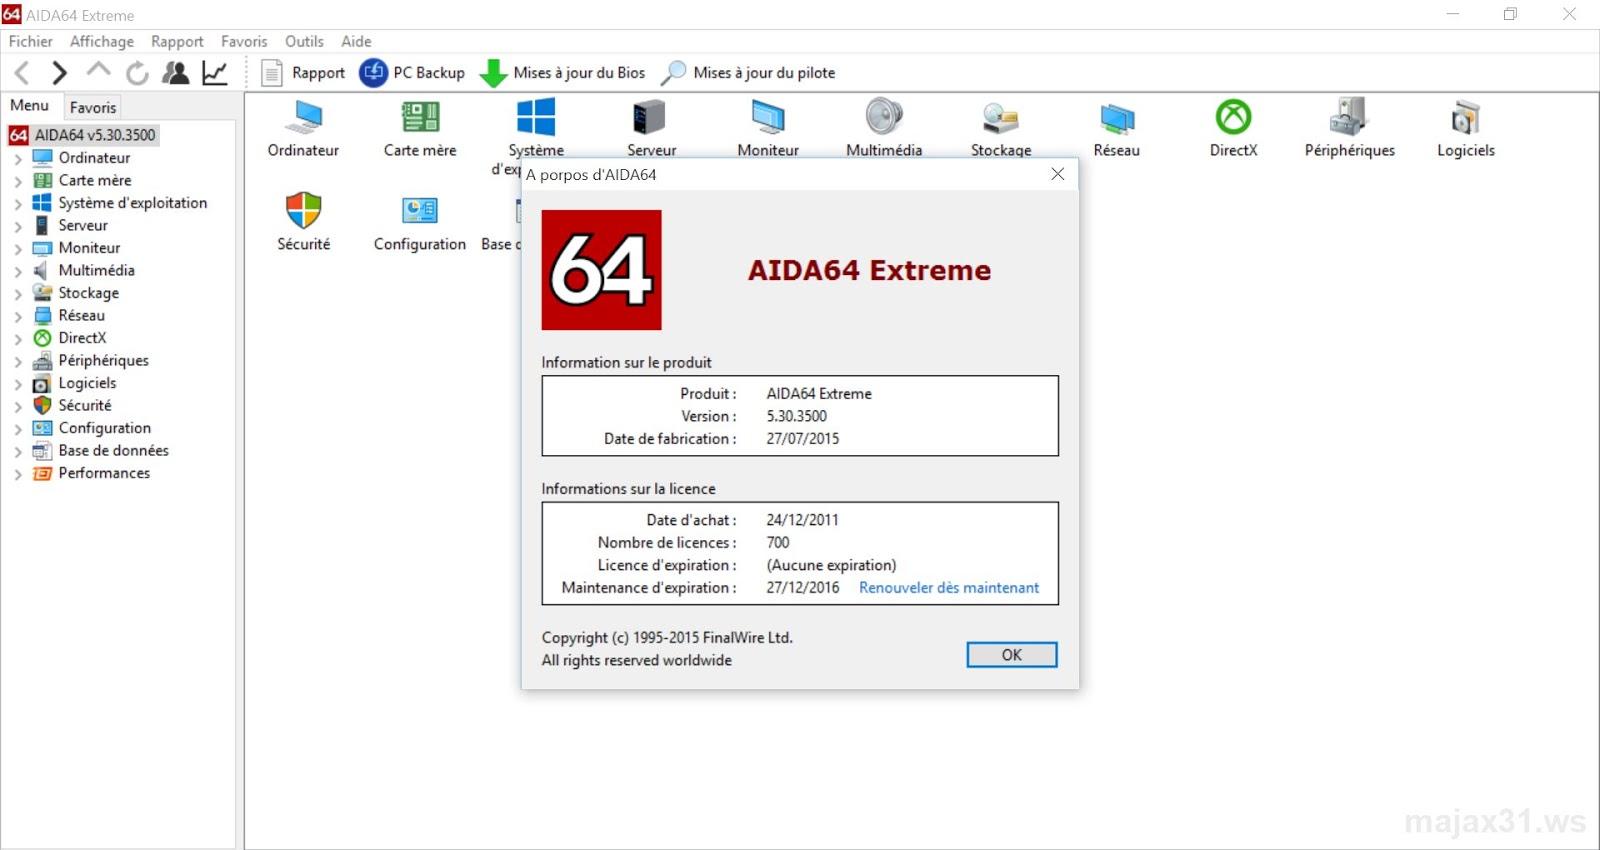 Resultado de imagem para AIDA64 Extreme 5.95.4500